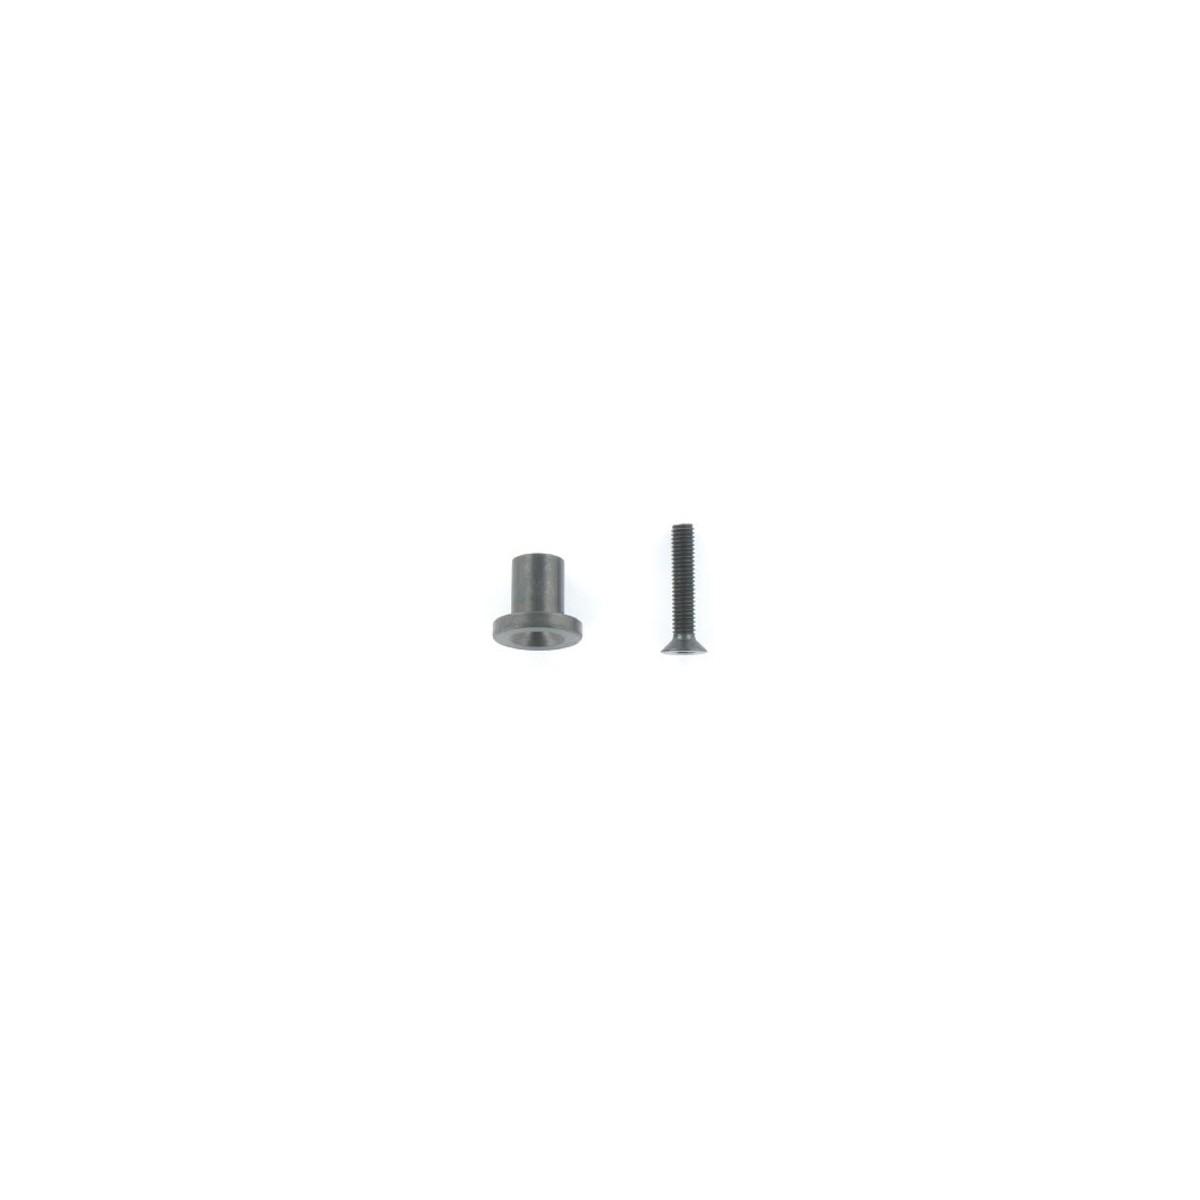 Carson 500907362 1:14 Königsbolzen Stahl TAMIYA